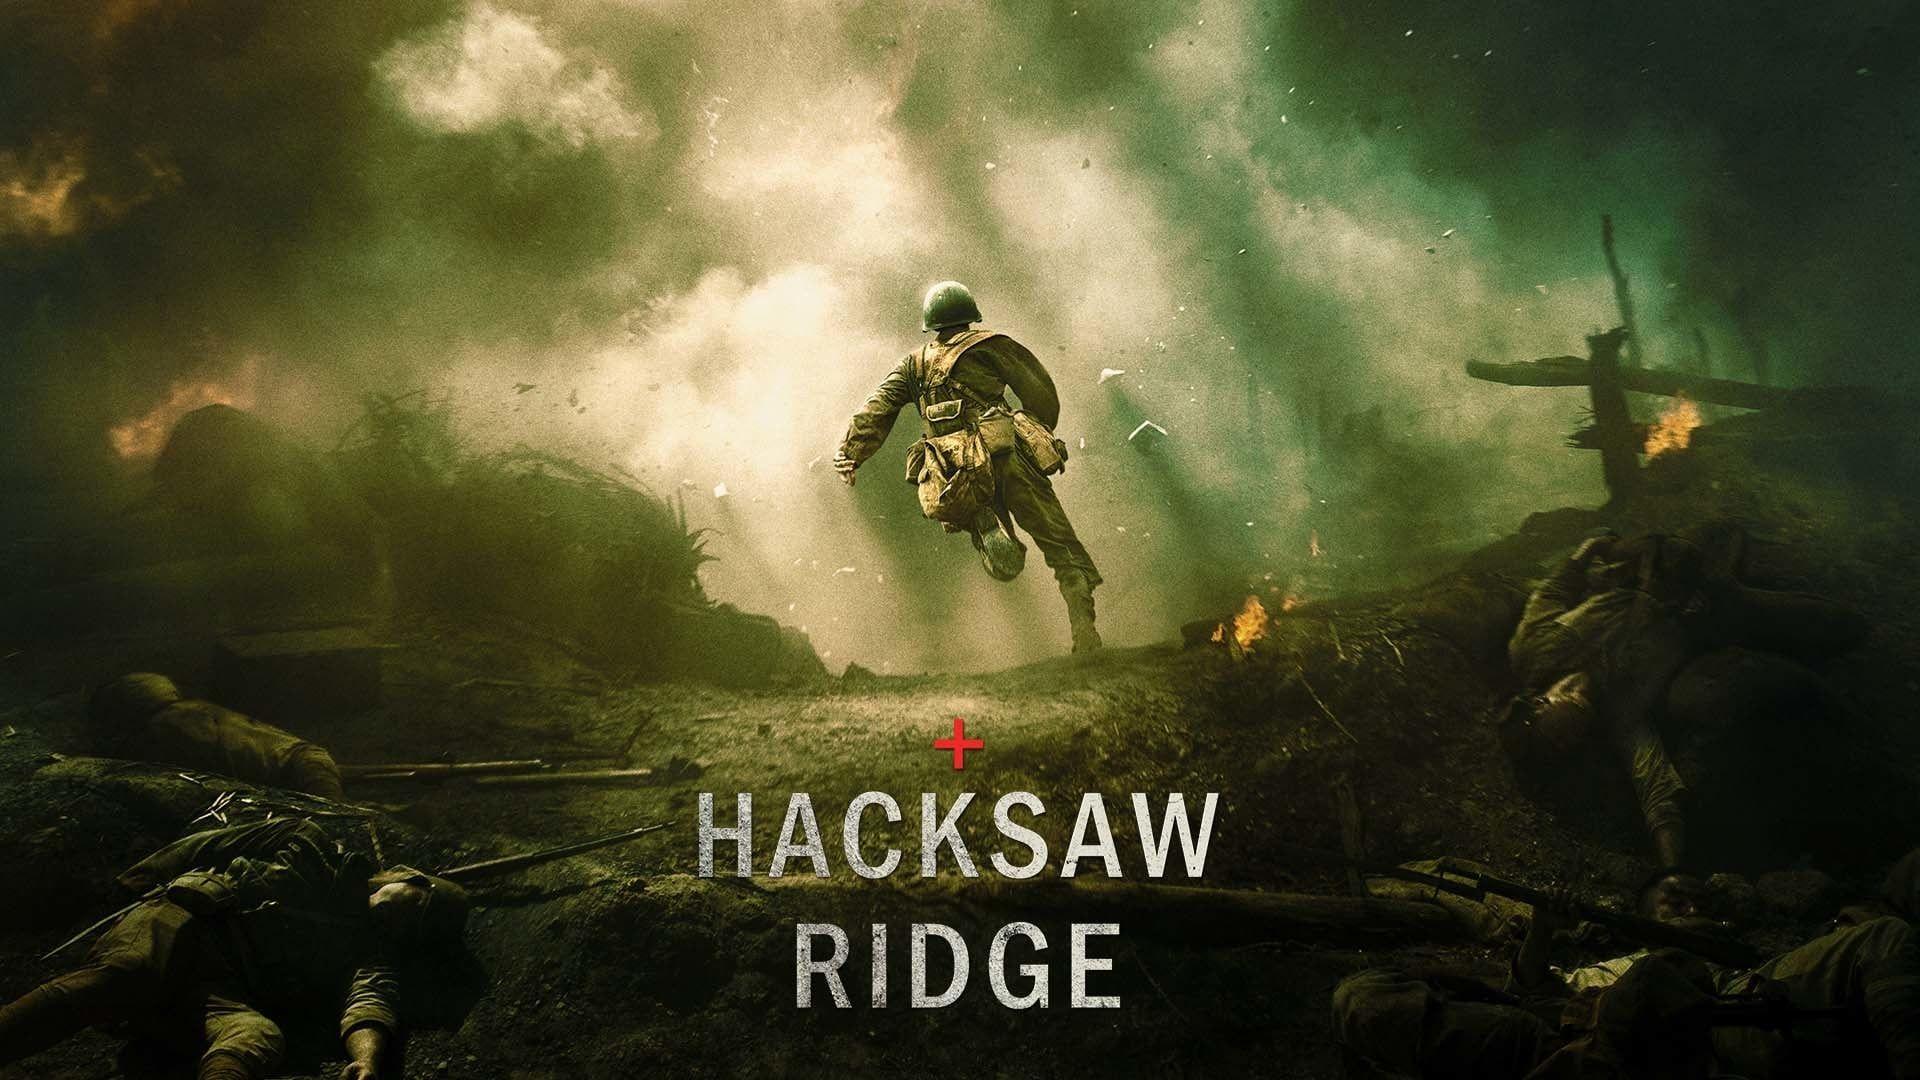 La Battaglia Di Hacksaw Ridge 2016 Streaming Ita Cb01 Film Completo Italiano Altadefinizione L Attacco Alla Base Americana Di Pearl Pearl Harbor Film Battaglia